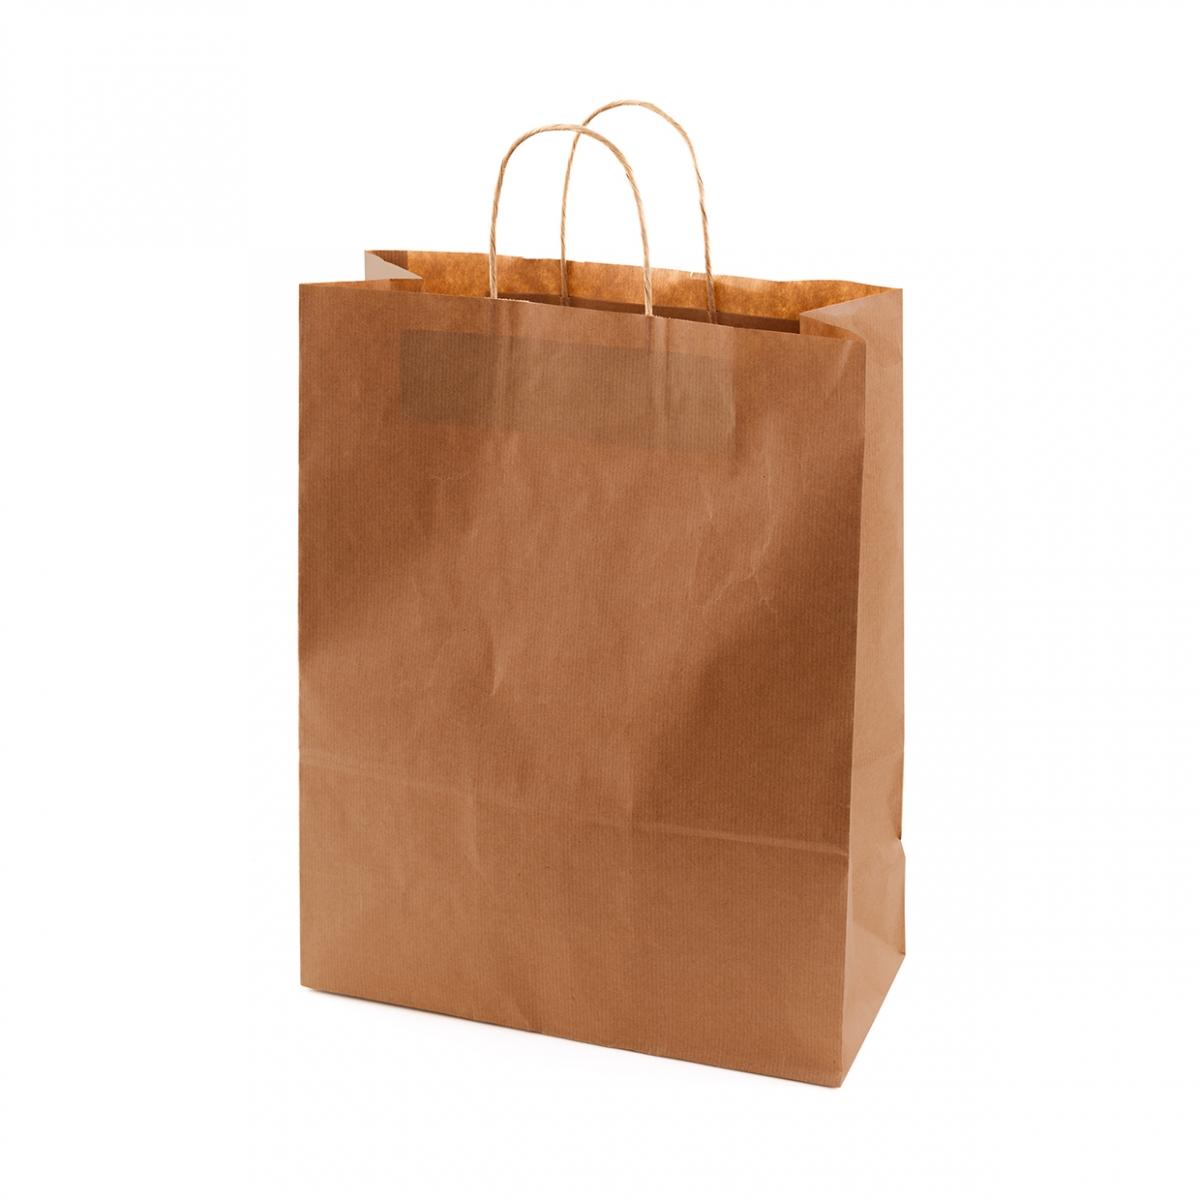 Imagen en la que se ve una bolsa de papel